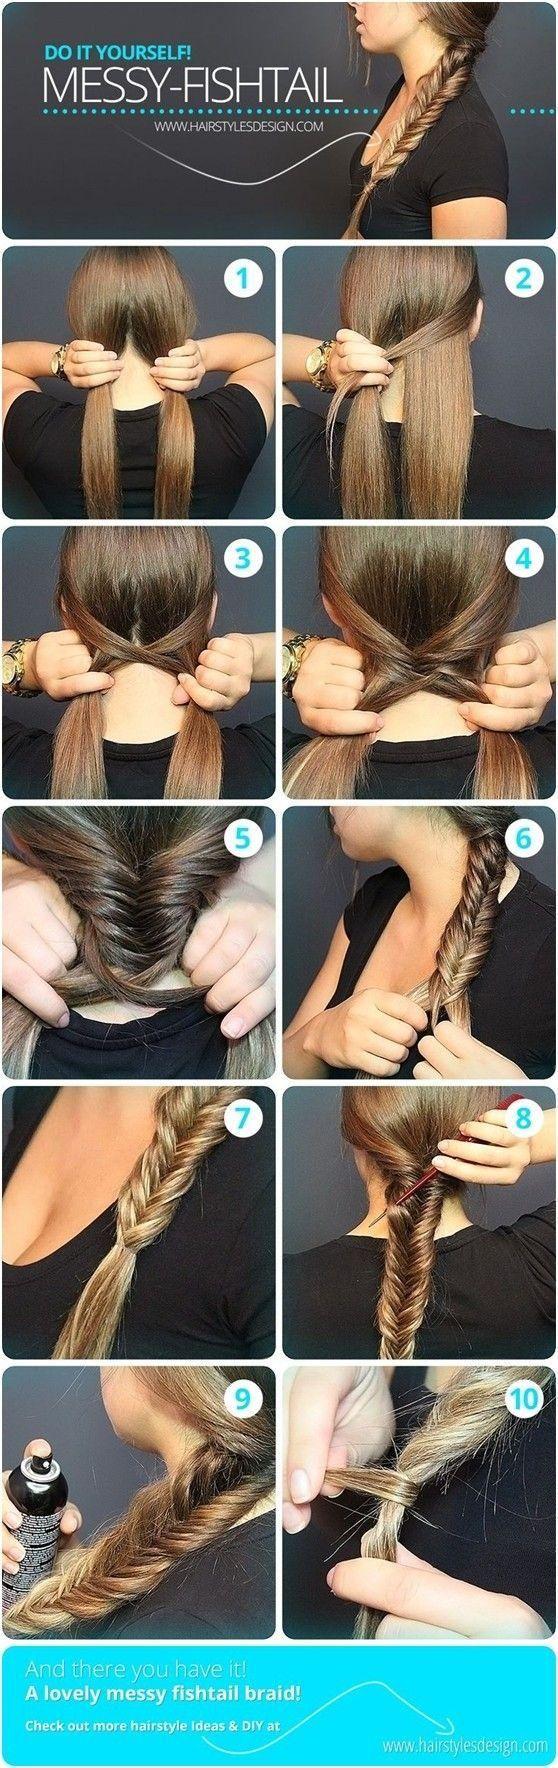 10 Fishtail Braid Ideas for Long Hair – PoPular Haircuts